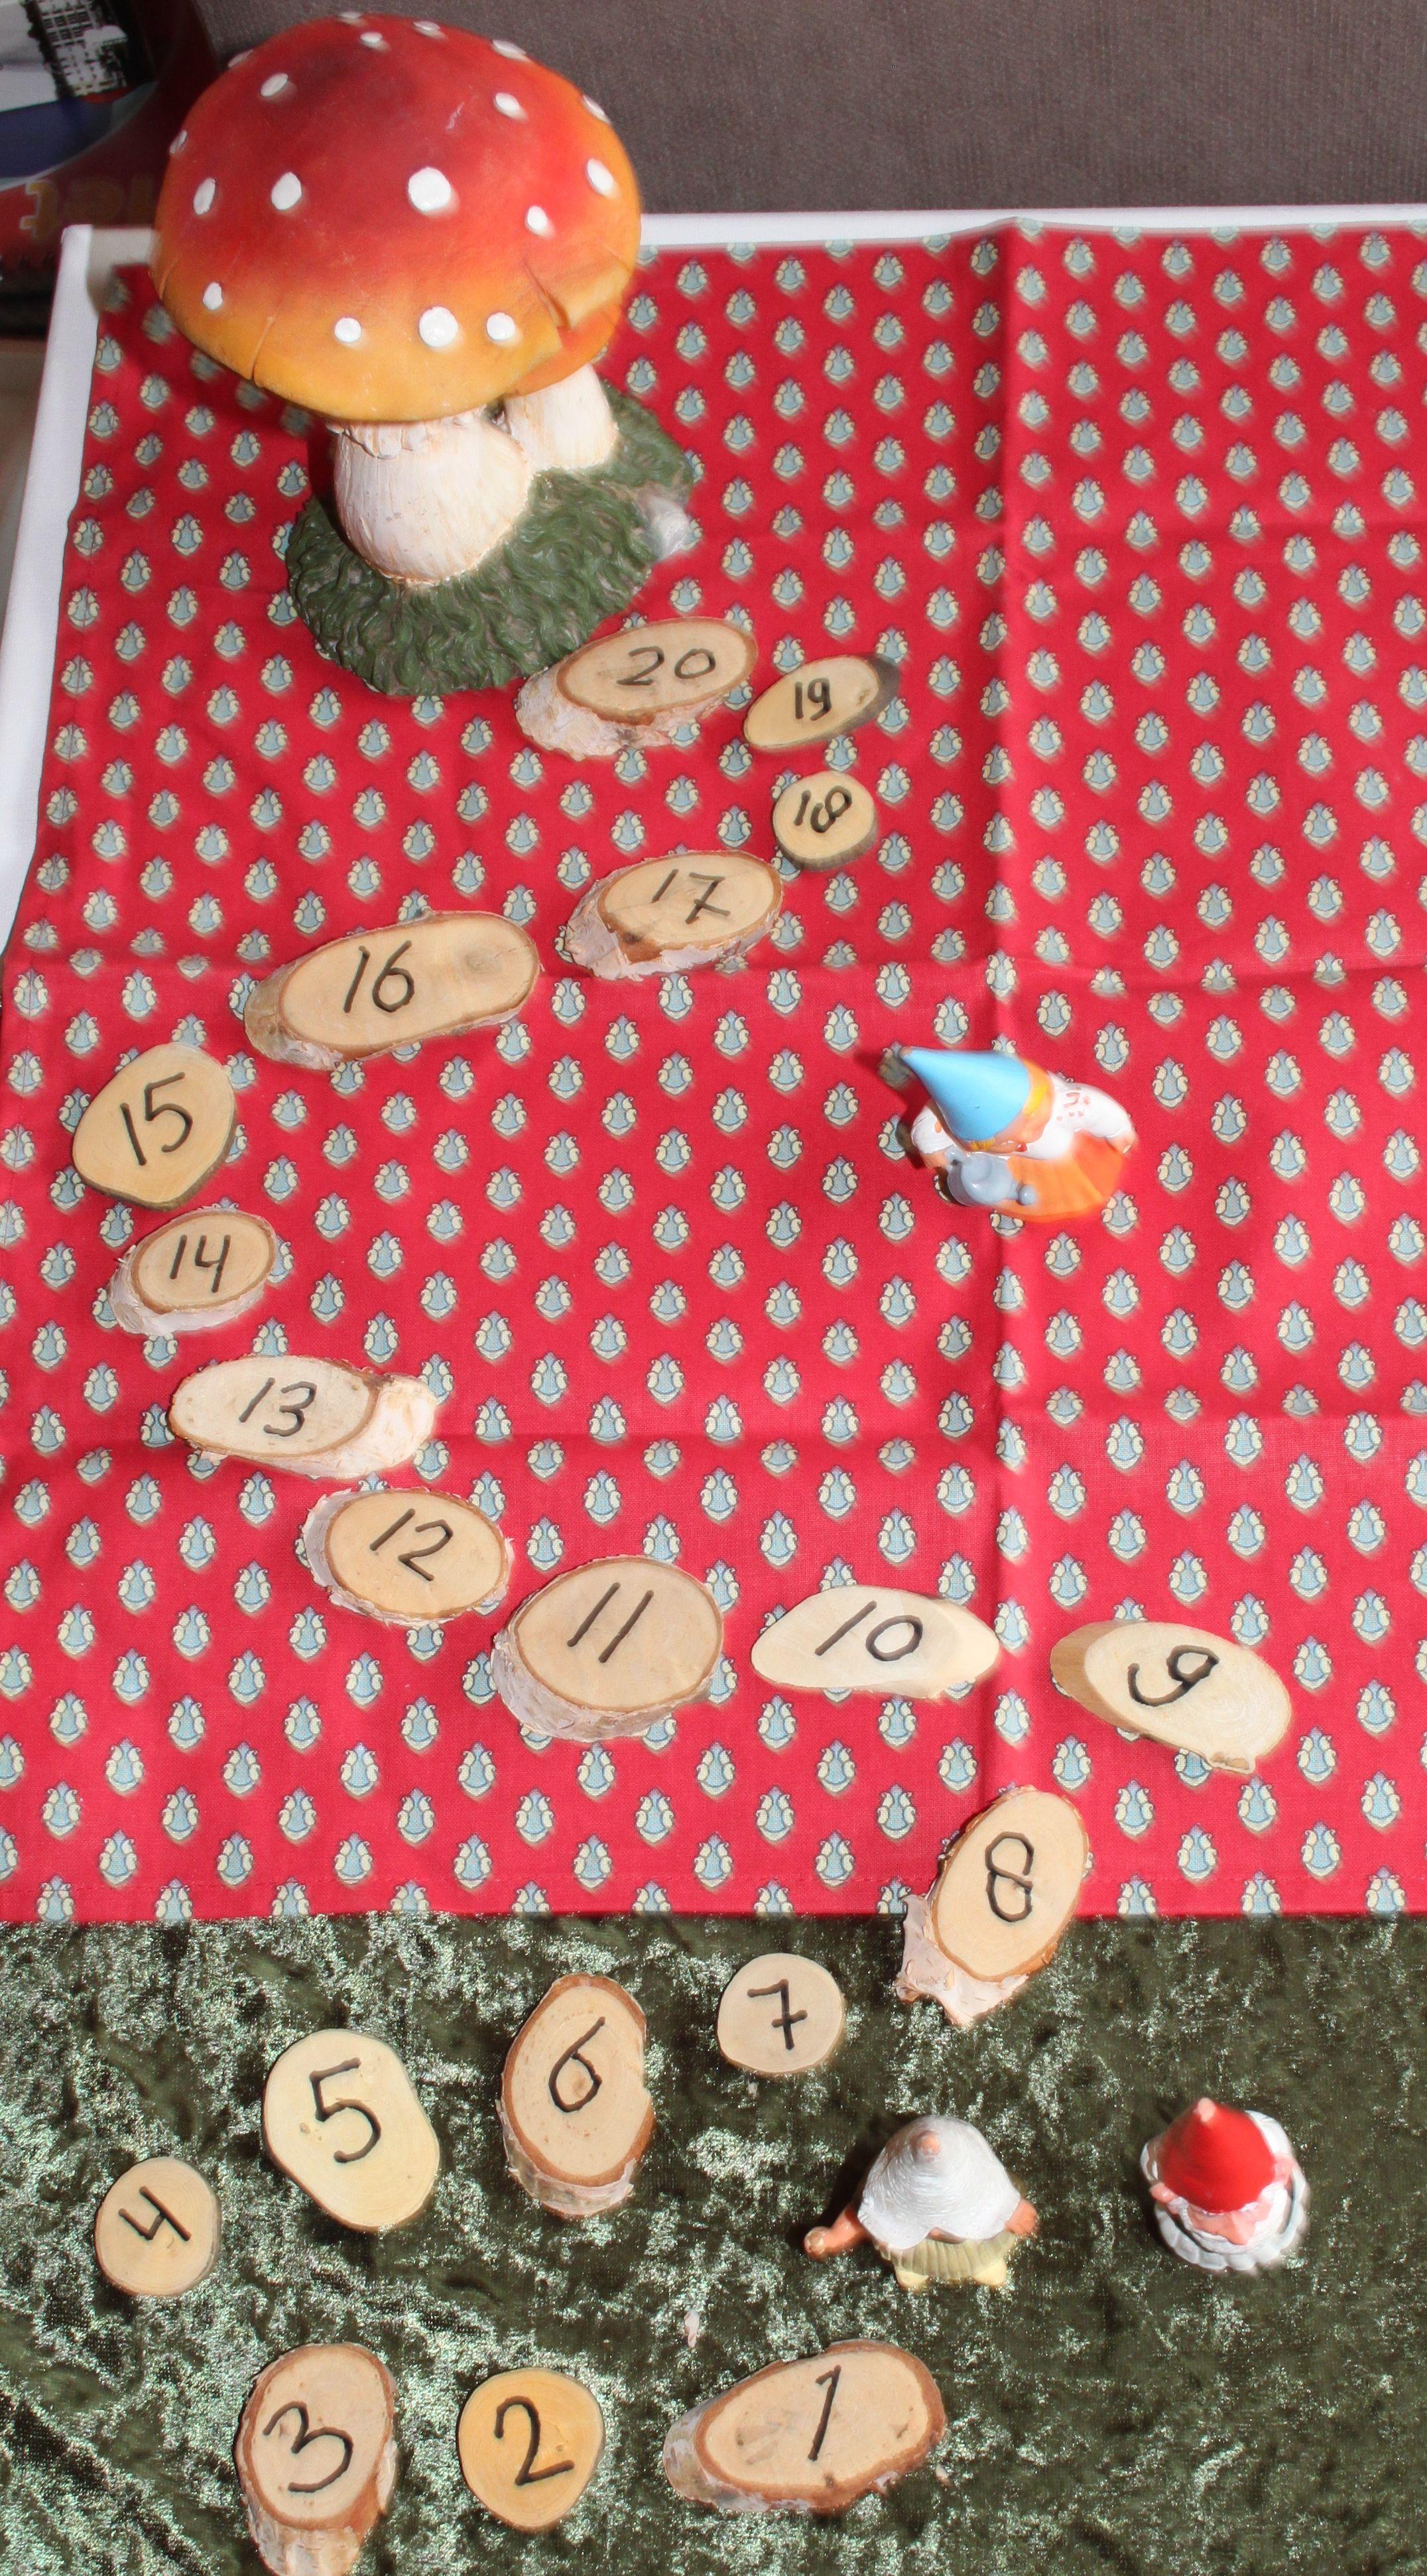 het stappenpad voor kabouters. op de houtsnippers staan de cijfers van 1 tot en met 20. In het bos is storm geweest. leg de cijfers in de juiste volgorde zodat het kabouter vrouwtje naar huis kan lopen.Gooi met de dobbelsteen en zet de stappen. Leg er een 2e pad naast en je kunt spelen wie het eerste op de plaats van bestemming is.